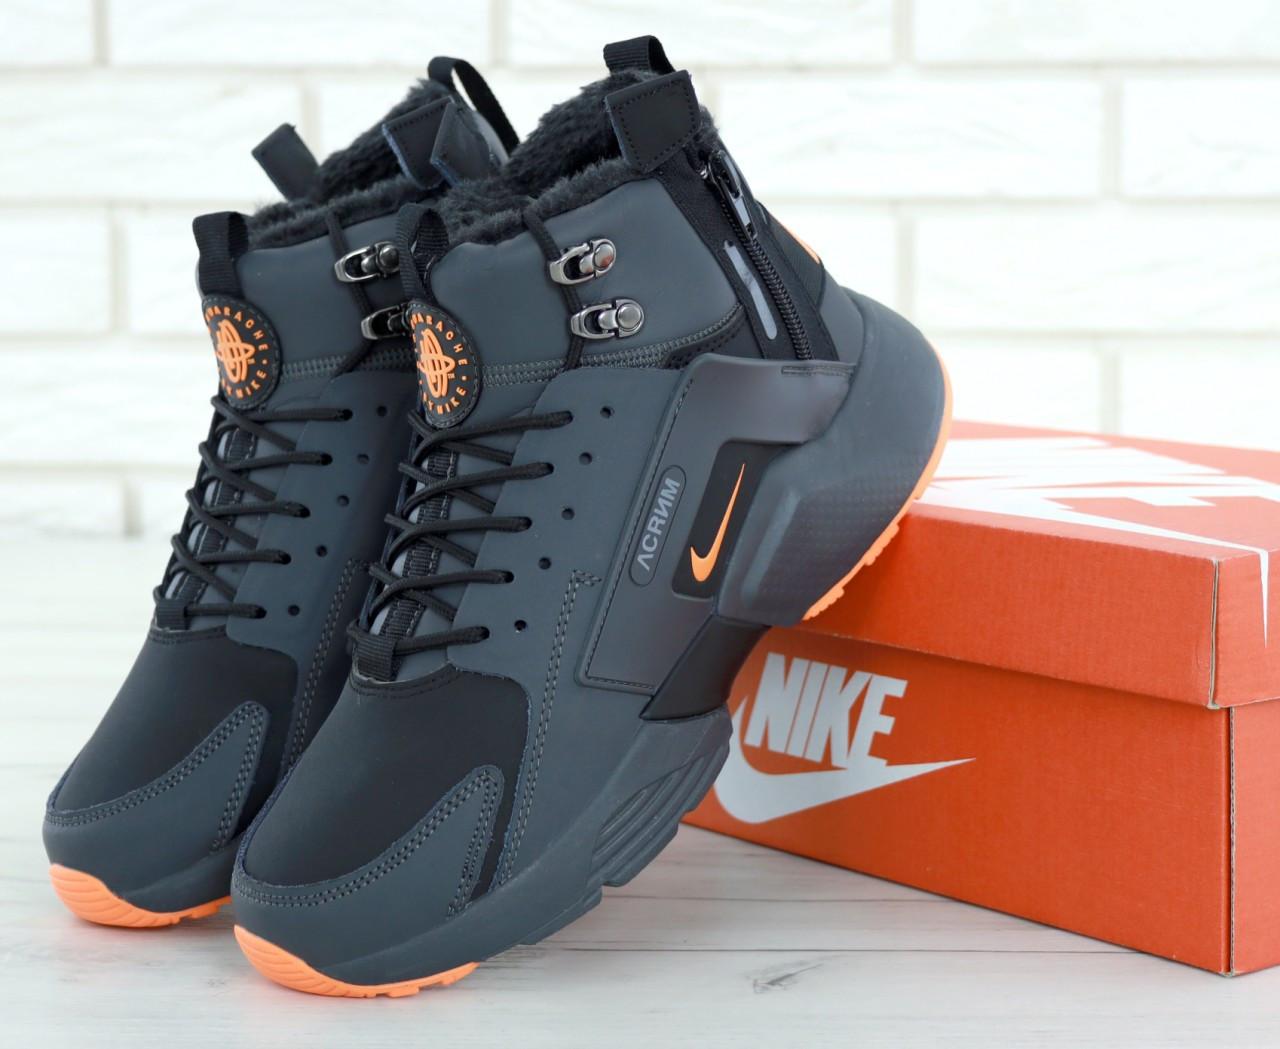 Зимние кроссовки мужские Nike Huarache X Acronym City Winter с мехом реплика ААА+ р. 40-45 черный (живые фото), фото 1